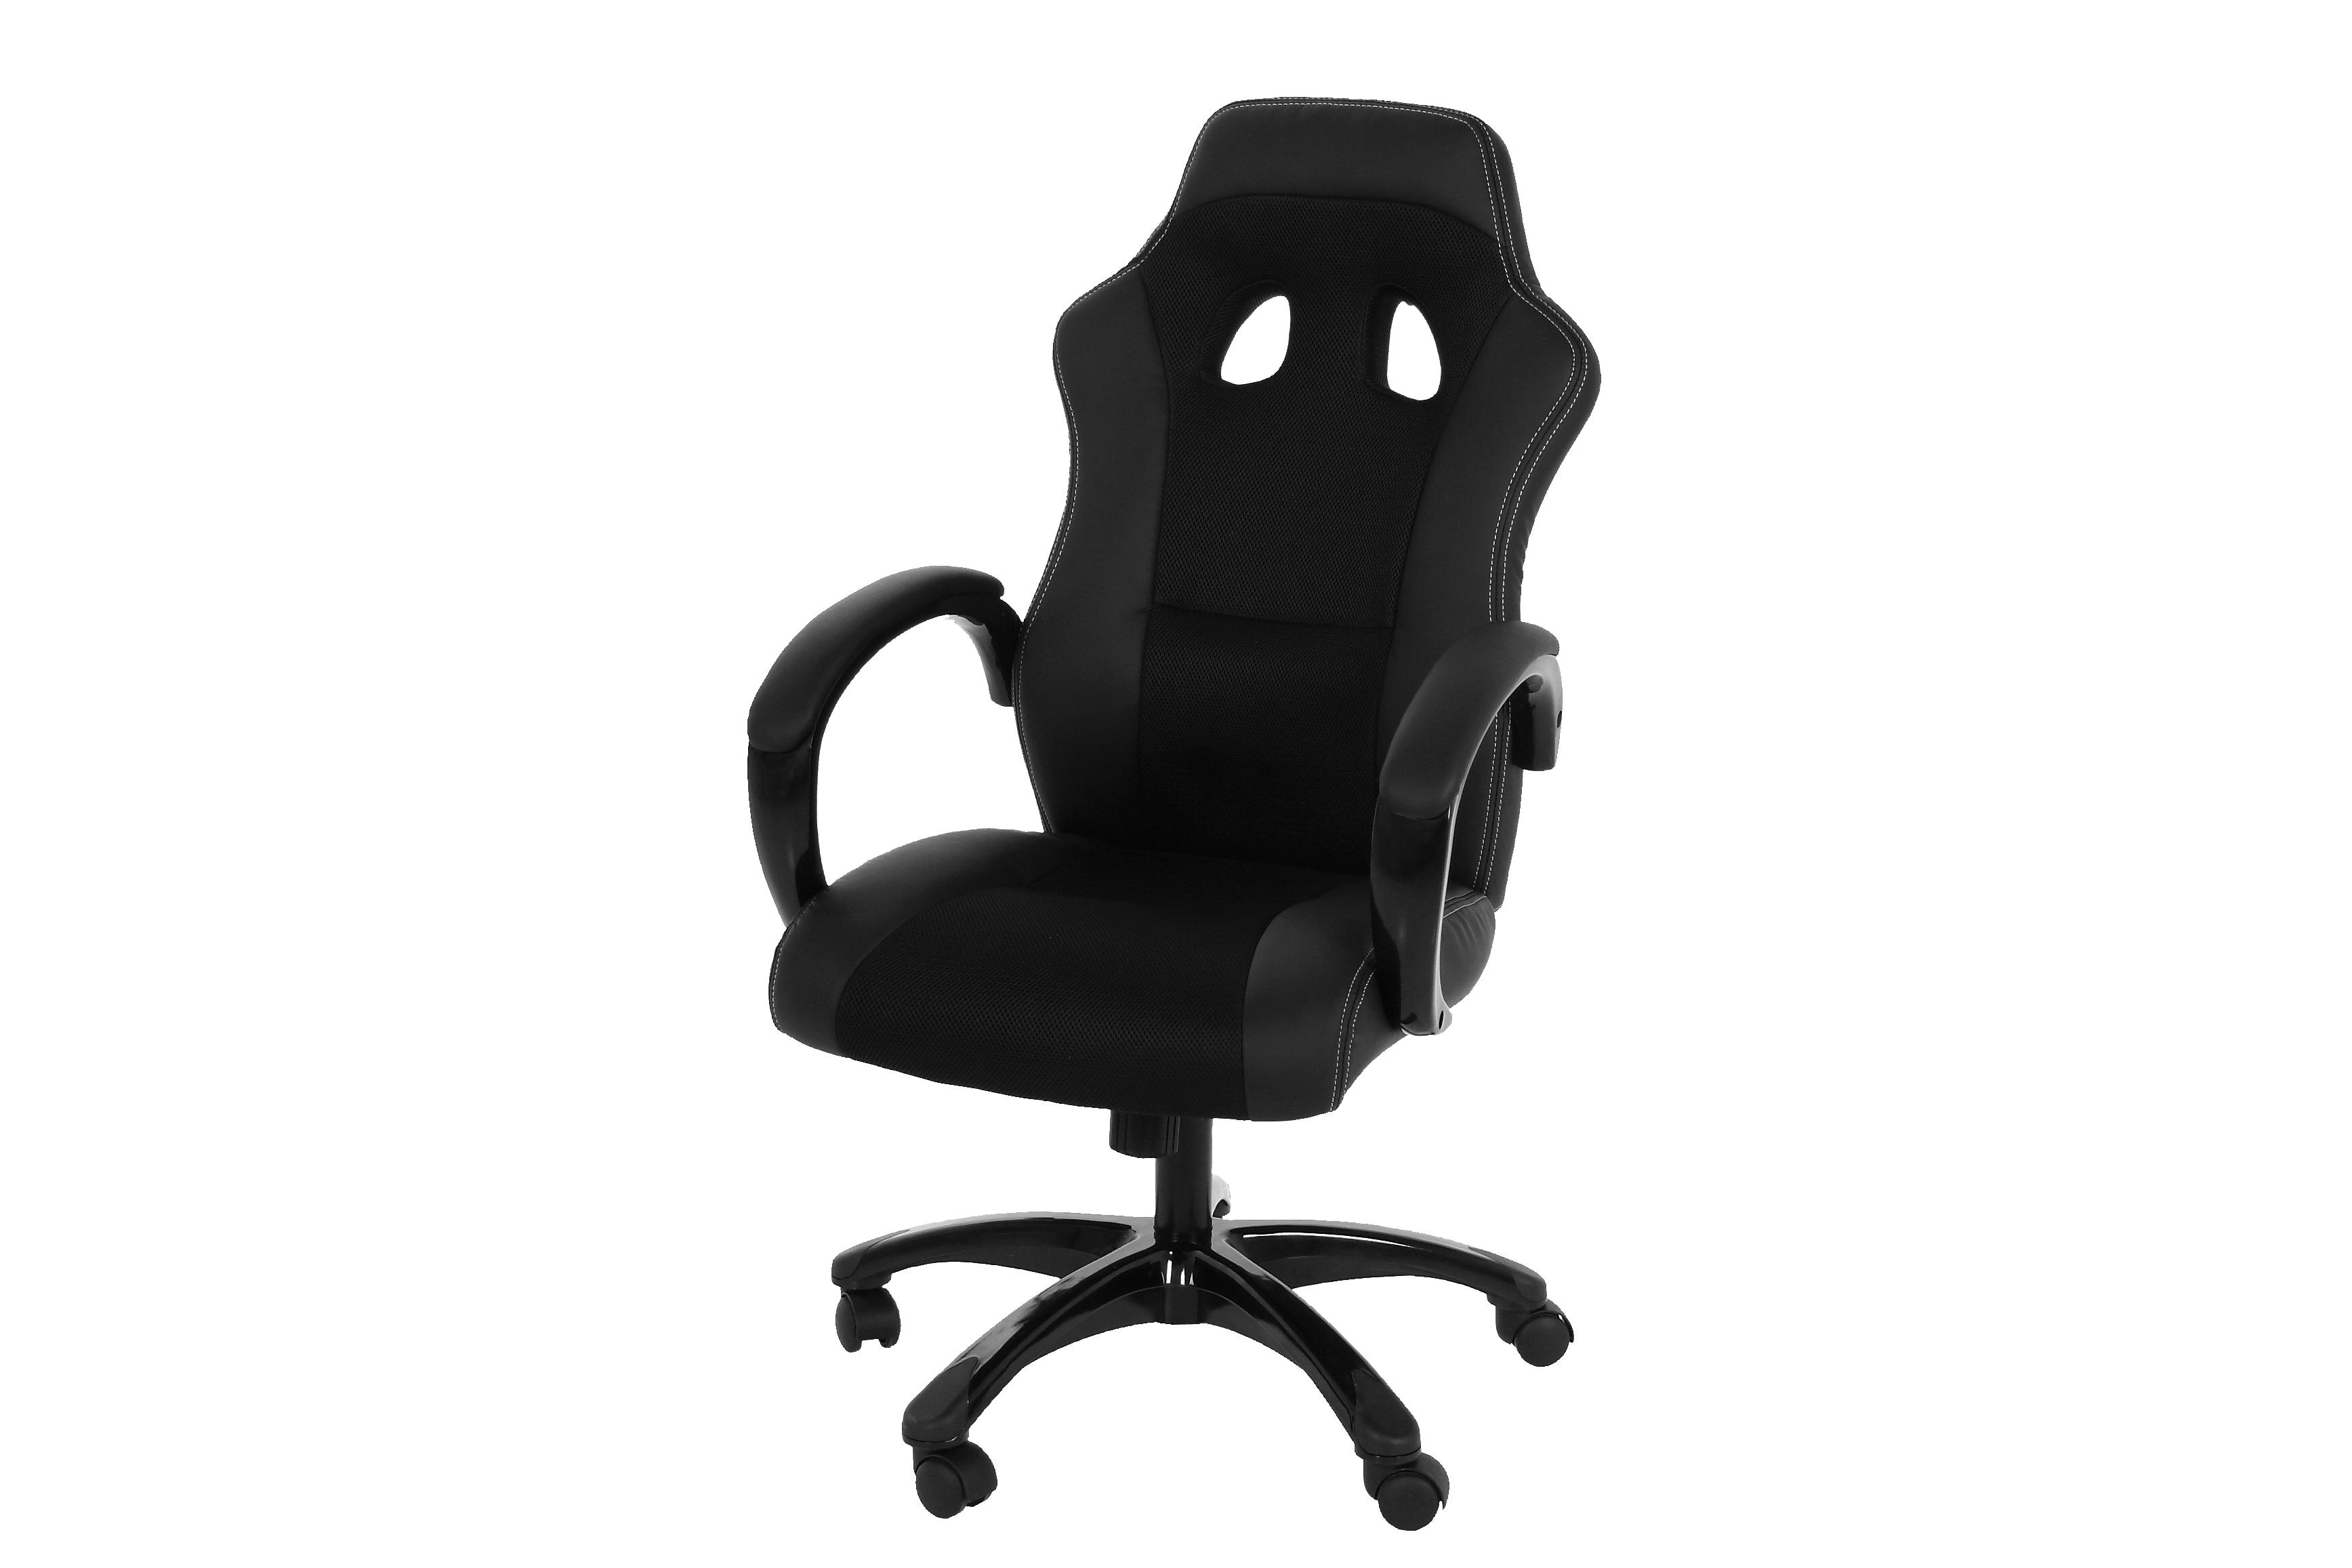 Forskellige Kontorstole og Gamerstole, find kontorstole her HA46